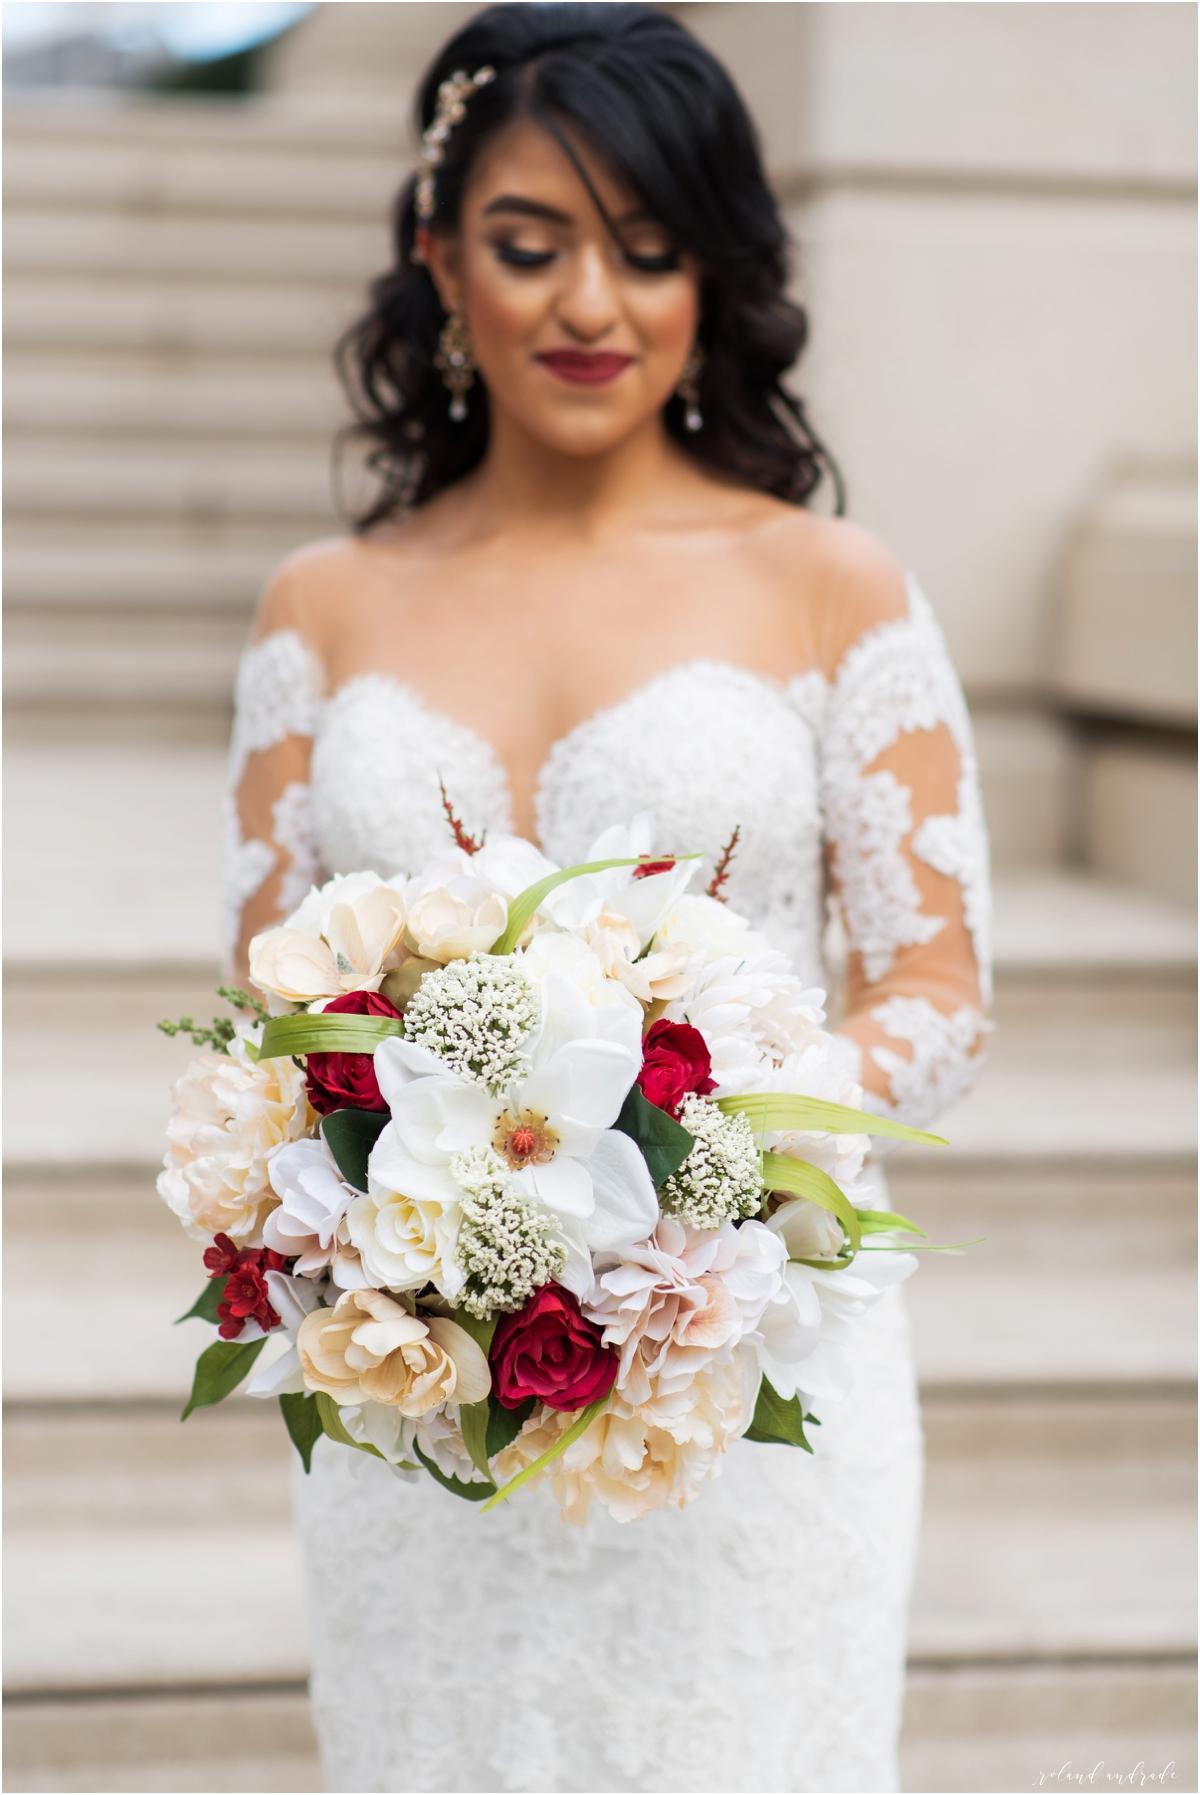 Chateau Busche Wedding in Alsip, Chateau Busche Wedding Photographer, Alsip Wedding Photography Millenium Park First Look, Trump Tower Wedding_0039.jpg